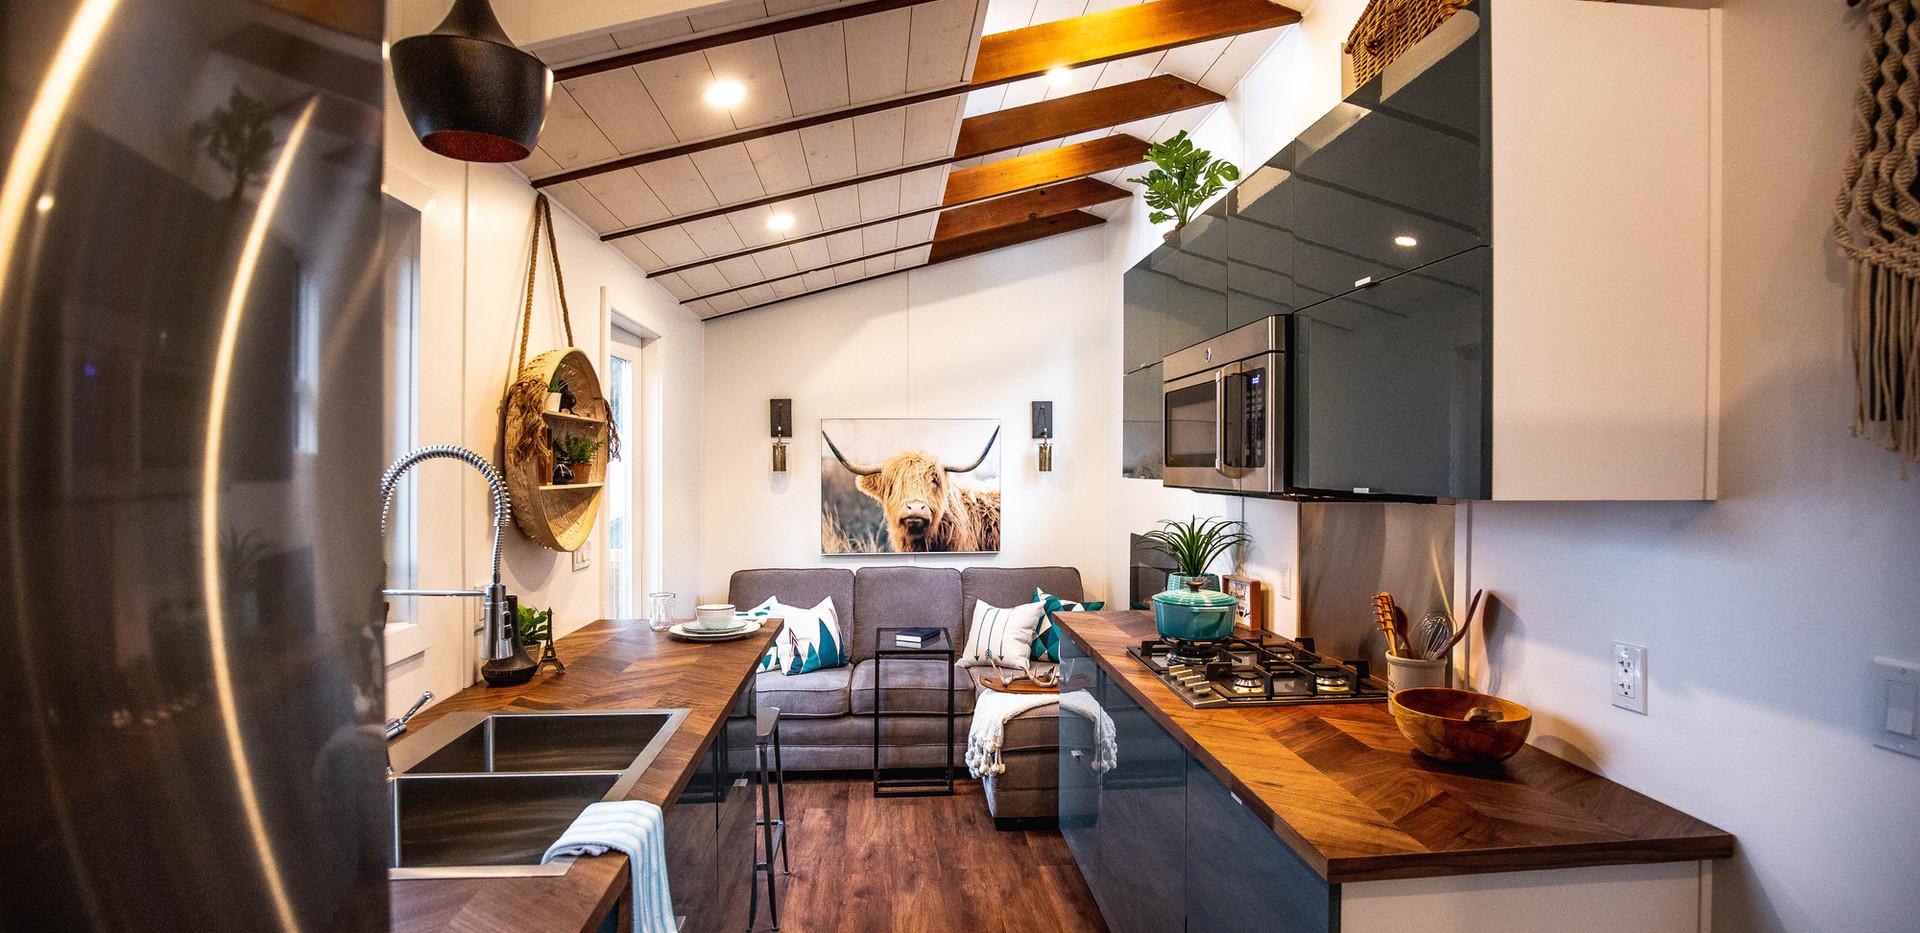 Sunshine Tony homes interior 1 (1 of 1).